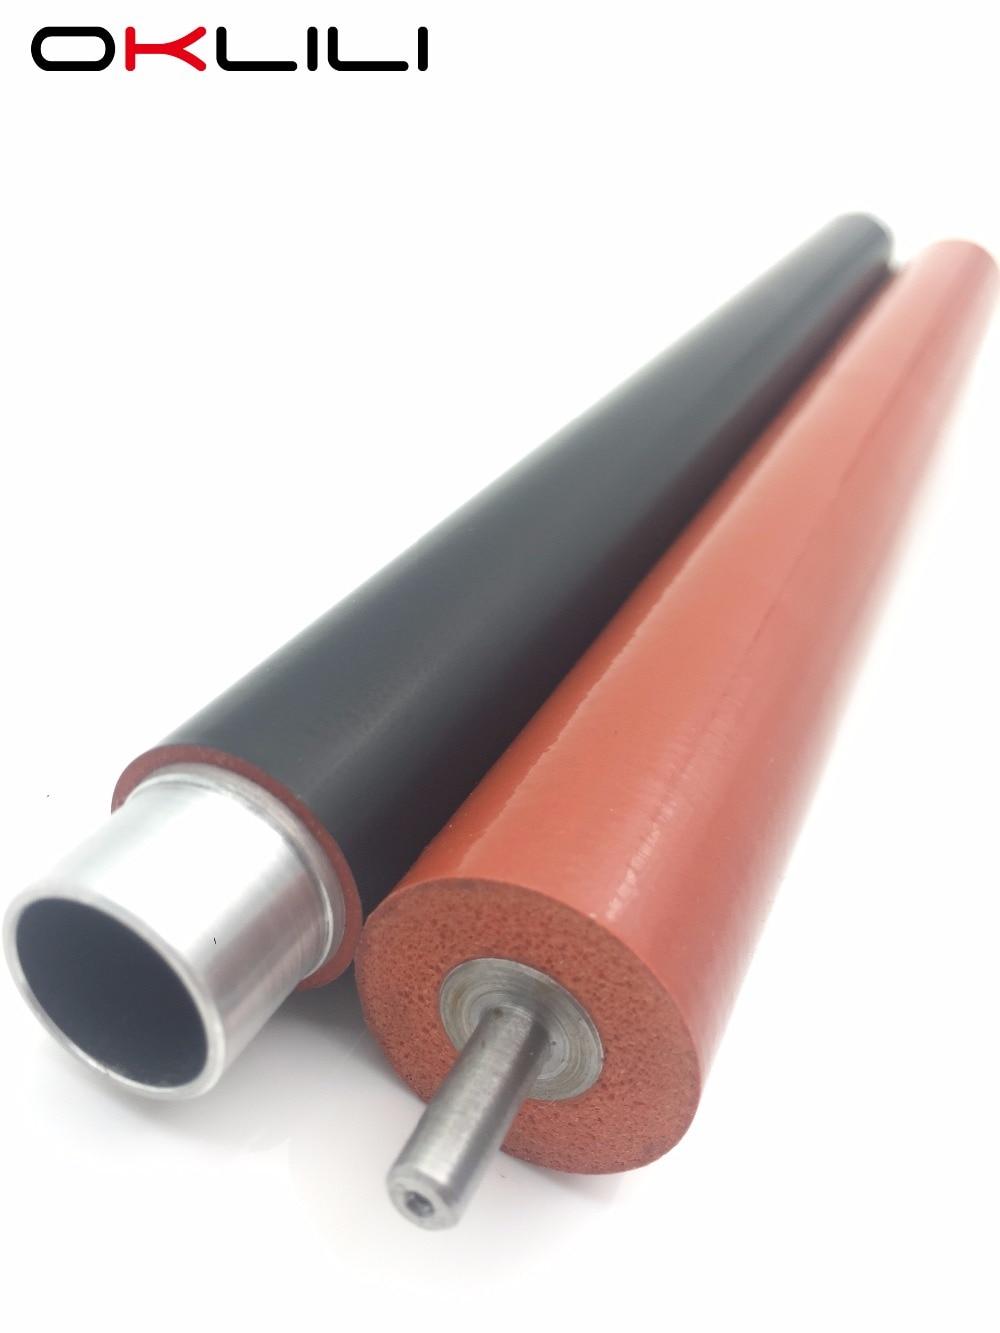 LY6754001 Heat Upper Fuser Roller lower pressure roller for Brother HL3140 HL3150 HL3170 MFC9130 MFC9330 MFC9340